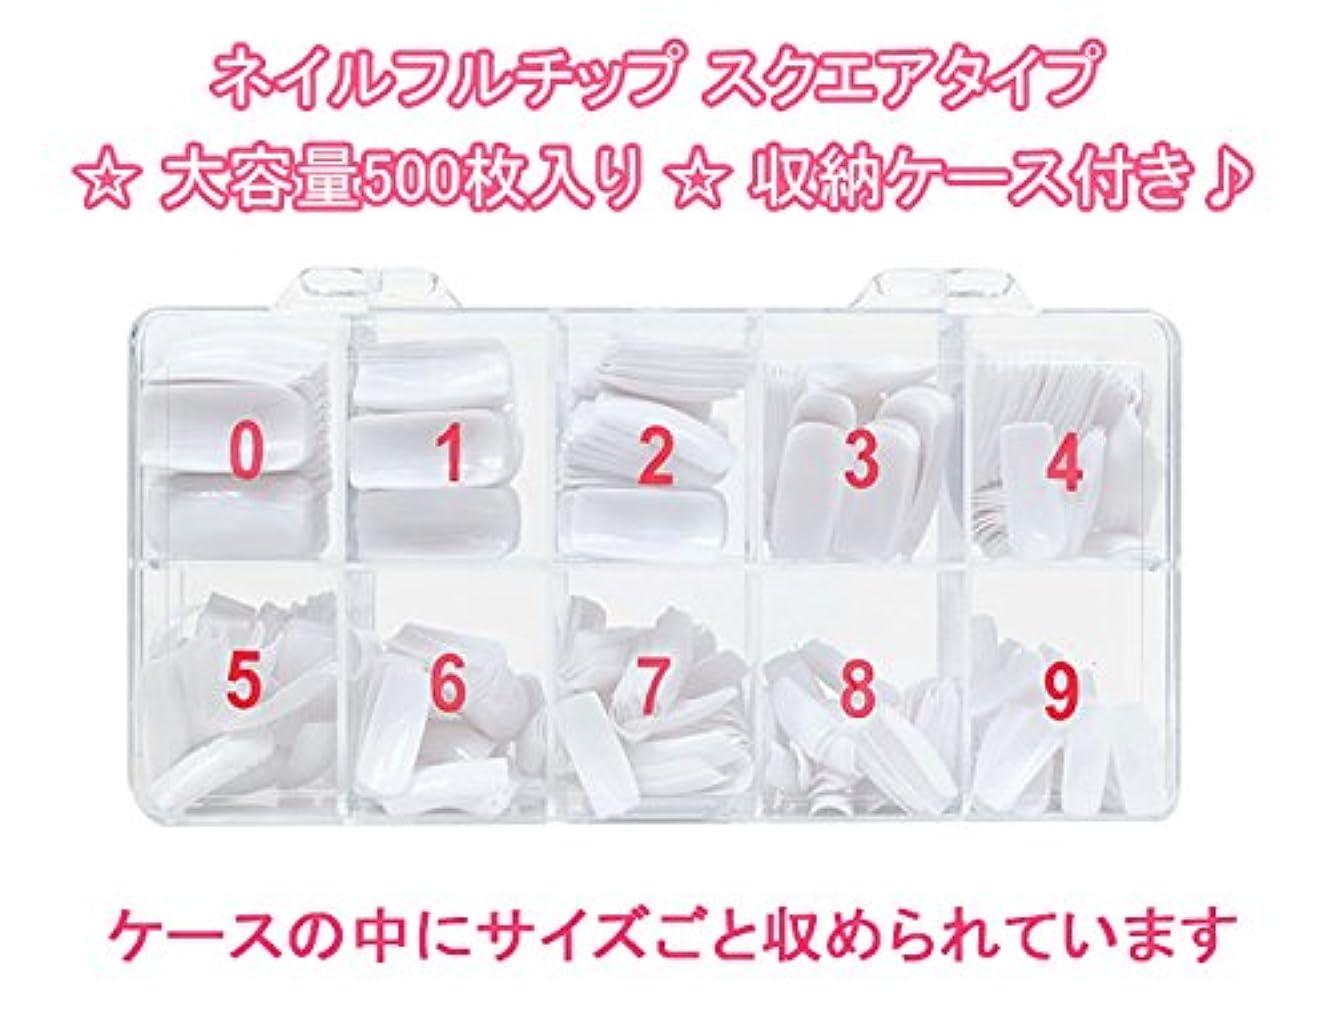 ネイルフルチップ スクエアタイプ ★大容量500枚入り★収納ケース付き? (クリア)